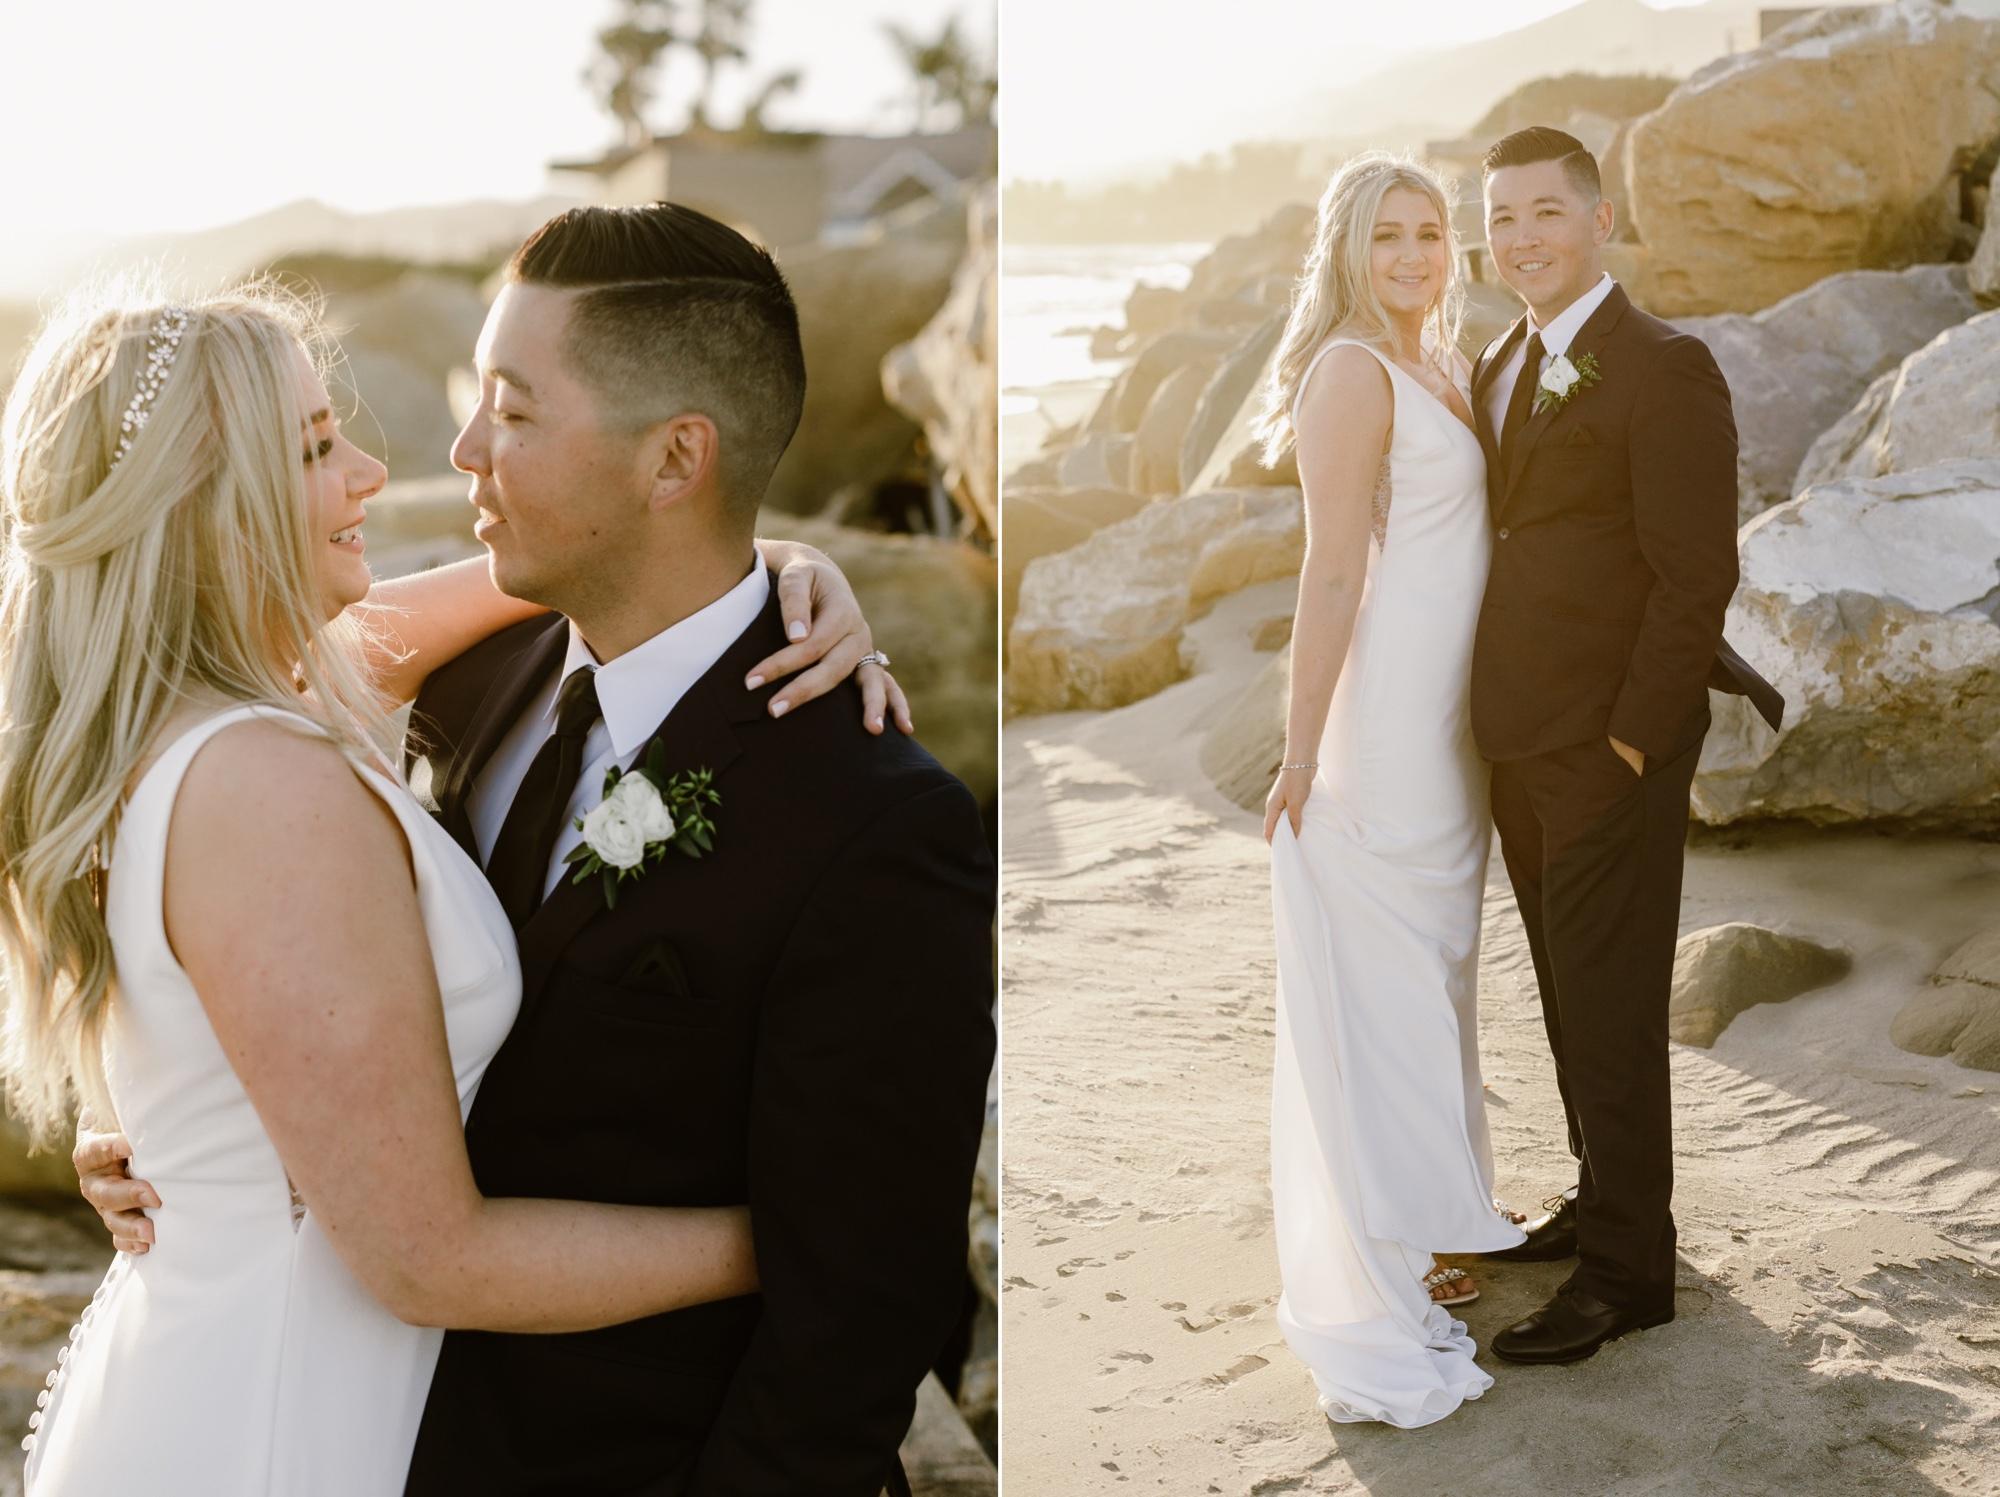 65_Ally and Tommy's Wedding-565_Ally and Tommy's Wedding-553.jpg